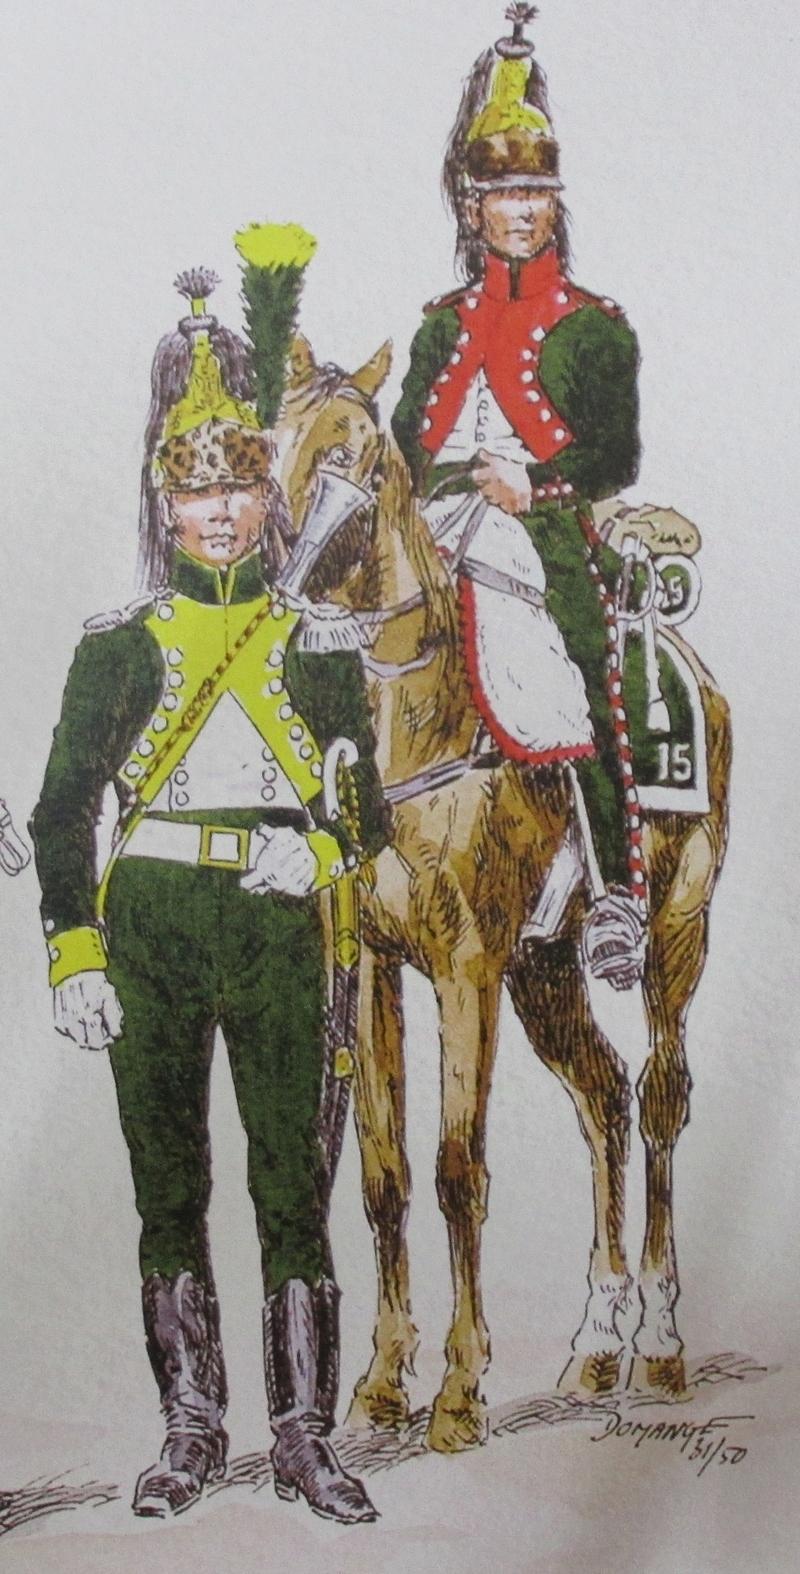 Sous-Lieutenant du 20ème Dragons Égypte 1800 - Michael Roberts - 120 mm Img_0026